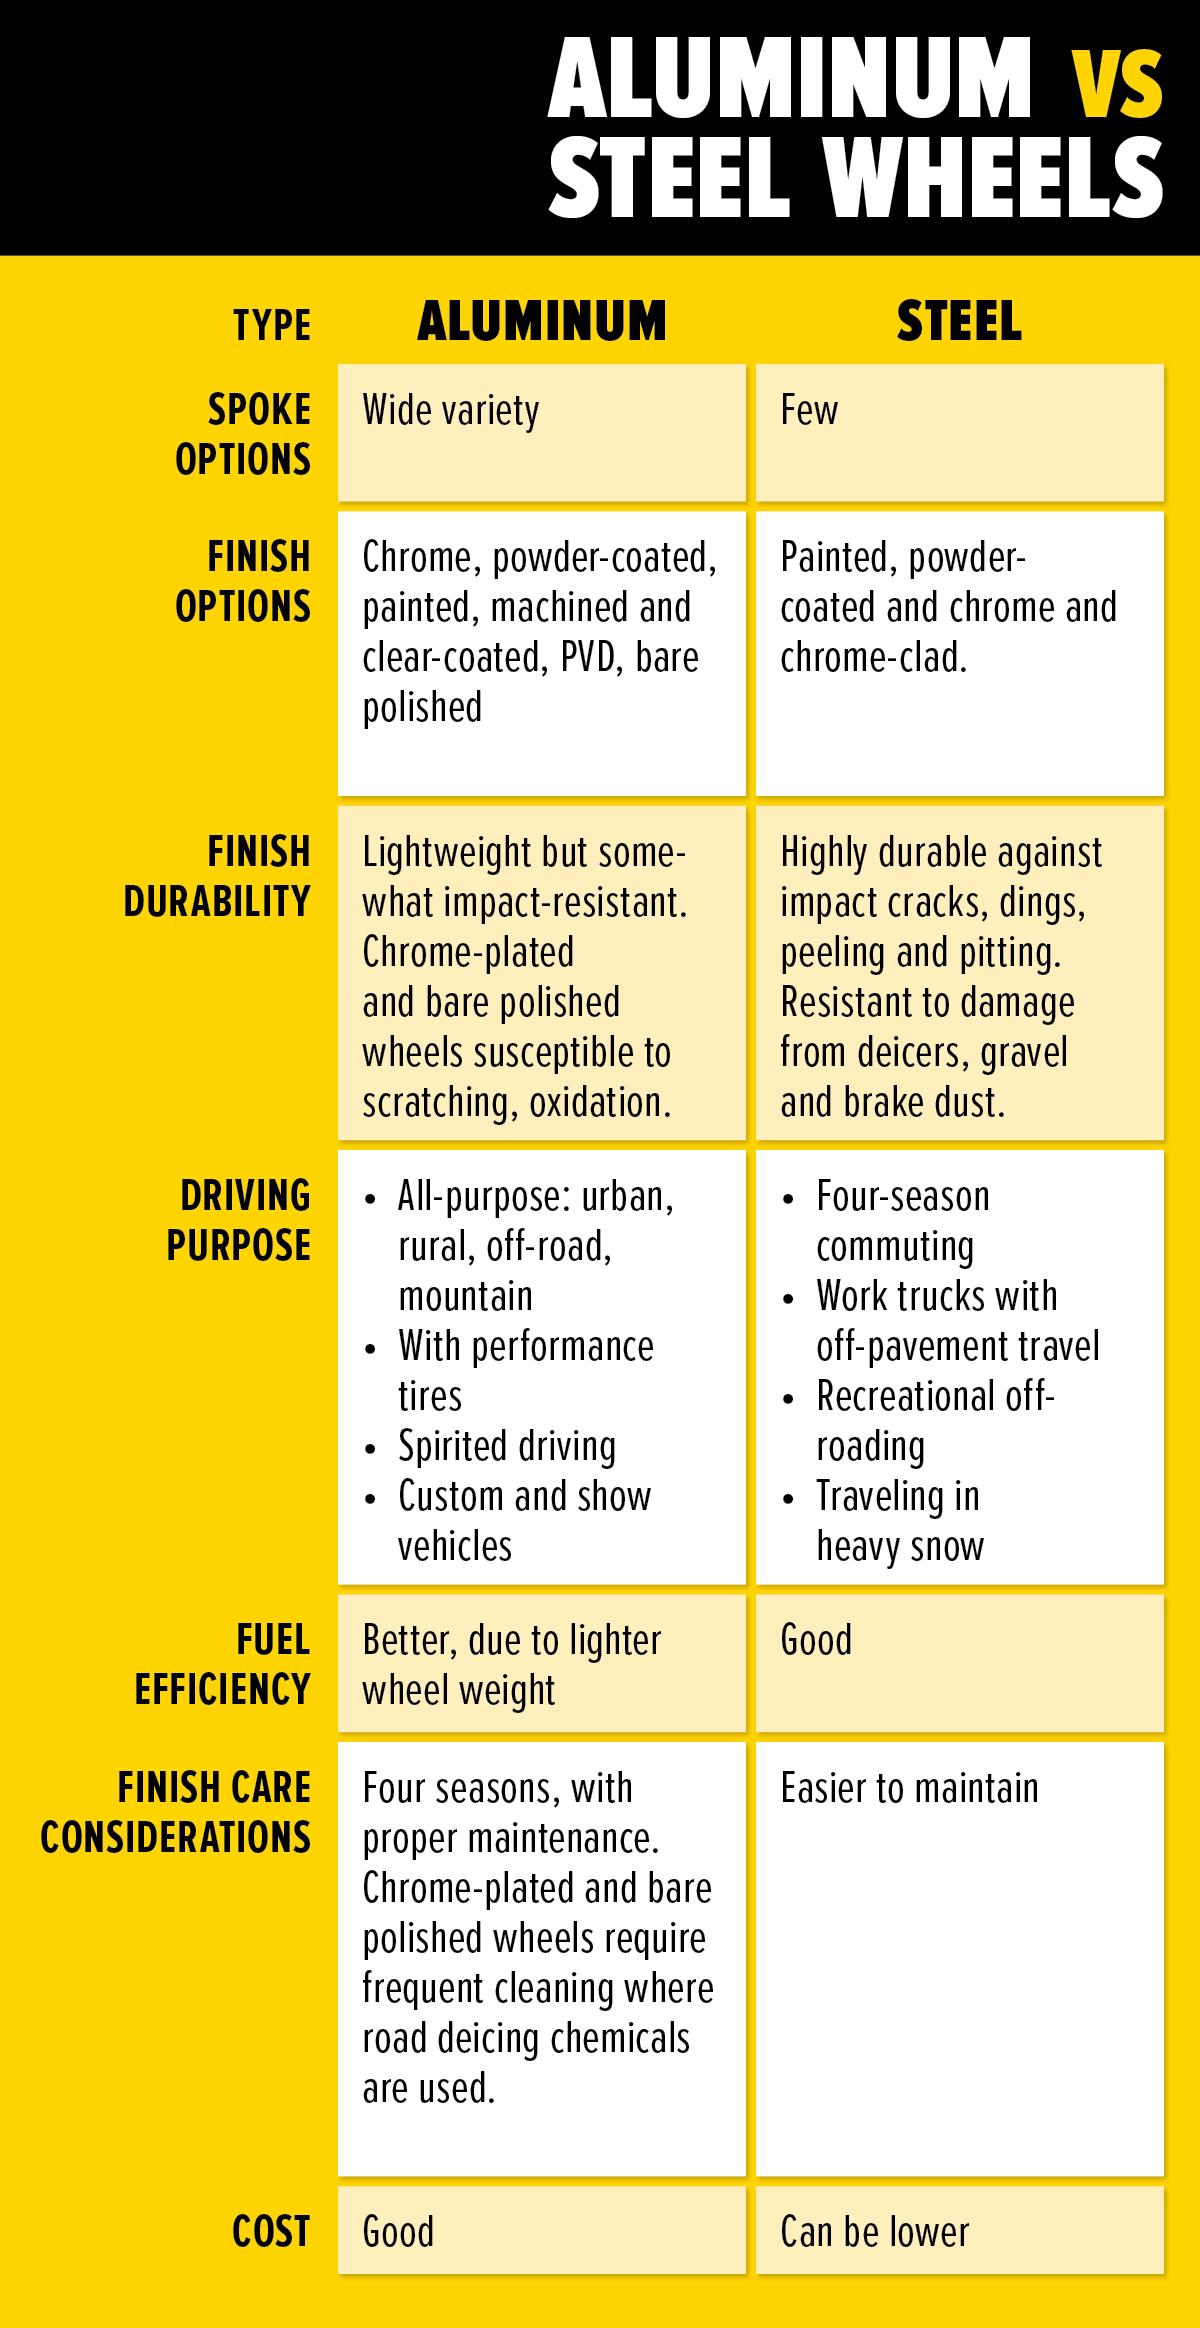 les-schwab-steel-vs-aluminum-chart